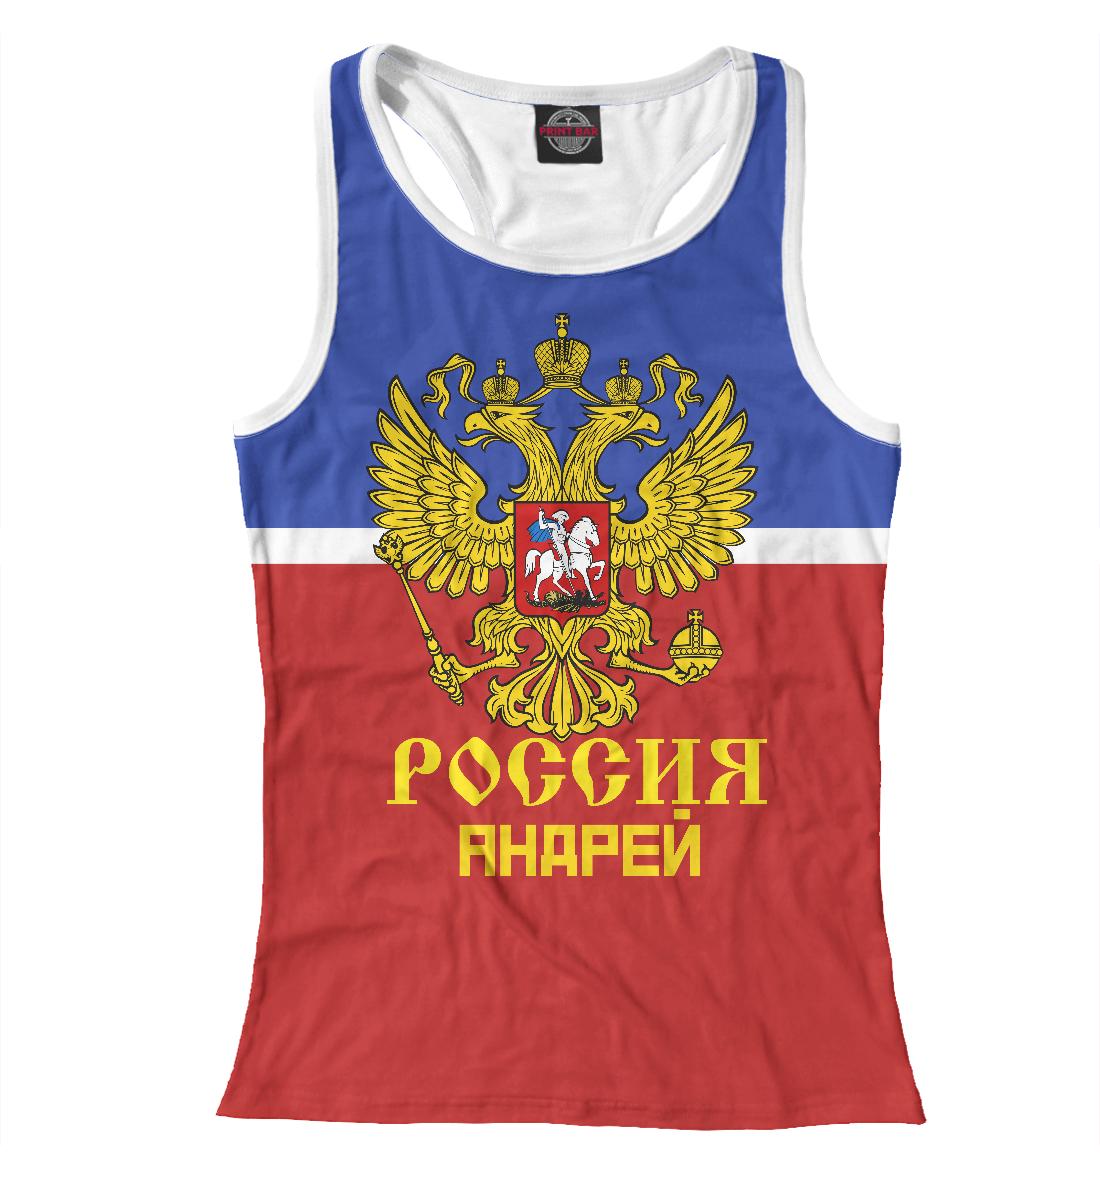 Купить Хоккеист Андрей, Printbar, Майки борцовки, AND-209905-mayb-1